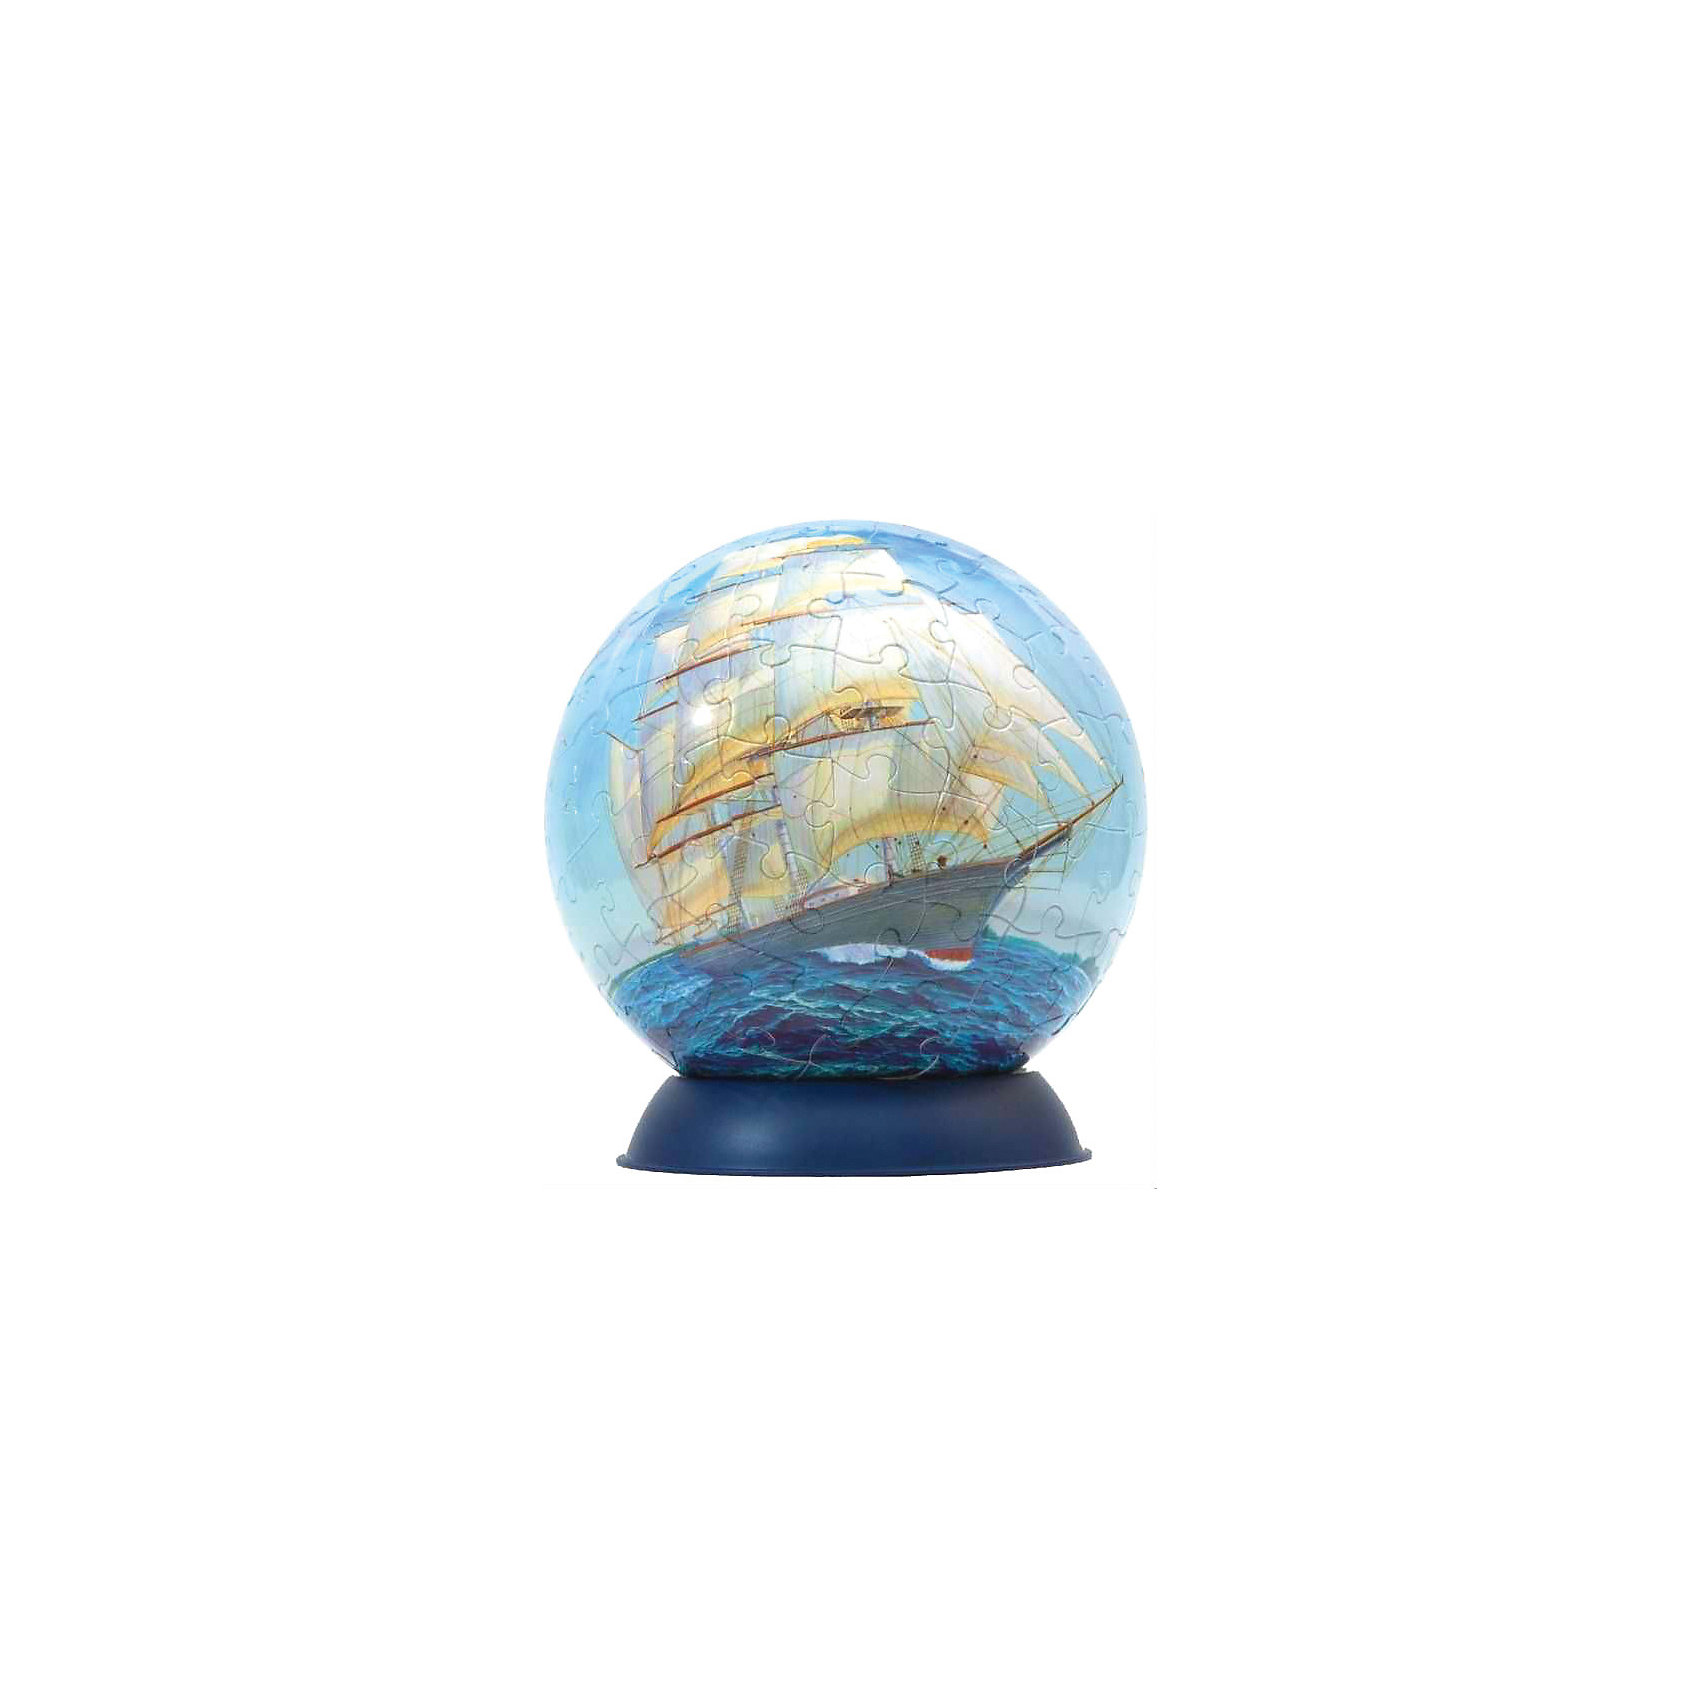 Пазл-шар Корабли, 108 деталей3D пазлы<br>Характеристики товара:<br><br>• возраст: от 6 лет;<br>• материал: пластик;<br>• в комплекте: 108 элементов, подставка;<br>• диаметр шара: 14 см;<br>• размер упаковки: 23х21,5х5 см;<br>• вес упаковки: 330 гр.;<br>• страна производитель: Россия.<br><br>Пазл-шар «Корабли» Step Puzzle — оригинальный пазл, элементы которого имеют изогнутую форму и собираются вместе, образуя шар. Собрав его, получается объемная фигура с яркими изображениями.<br><br>В процессе сборки пазла развиваются мелкая моторика рук, усидчивость, внимательность, логическое мышление. Все детали выполнены из качественного прочного пластика и надежно скрепляются между собой.<br><br>Пазл-шар «Корабли» Step Puzzle можно приобрести в нашем интернет-магазине.<br><br>Ширина мм: 230<br>Глубина мм: 215<br>Высота мм: 50<br>Вес г: 330<br>Возраст от месяцев: 72<br>Возраст до месяцев: 2147483647<br>Пол: Унисекс<br>Возраст: Детский<br>Количество деталей: 108<br>SKU: 5346230